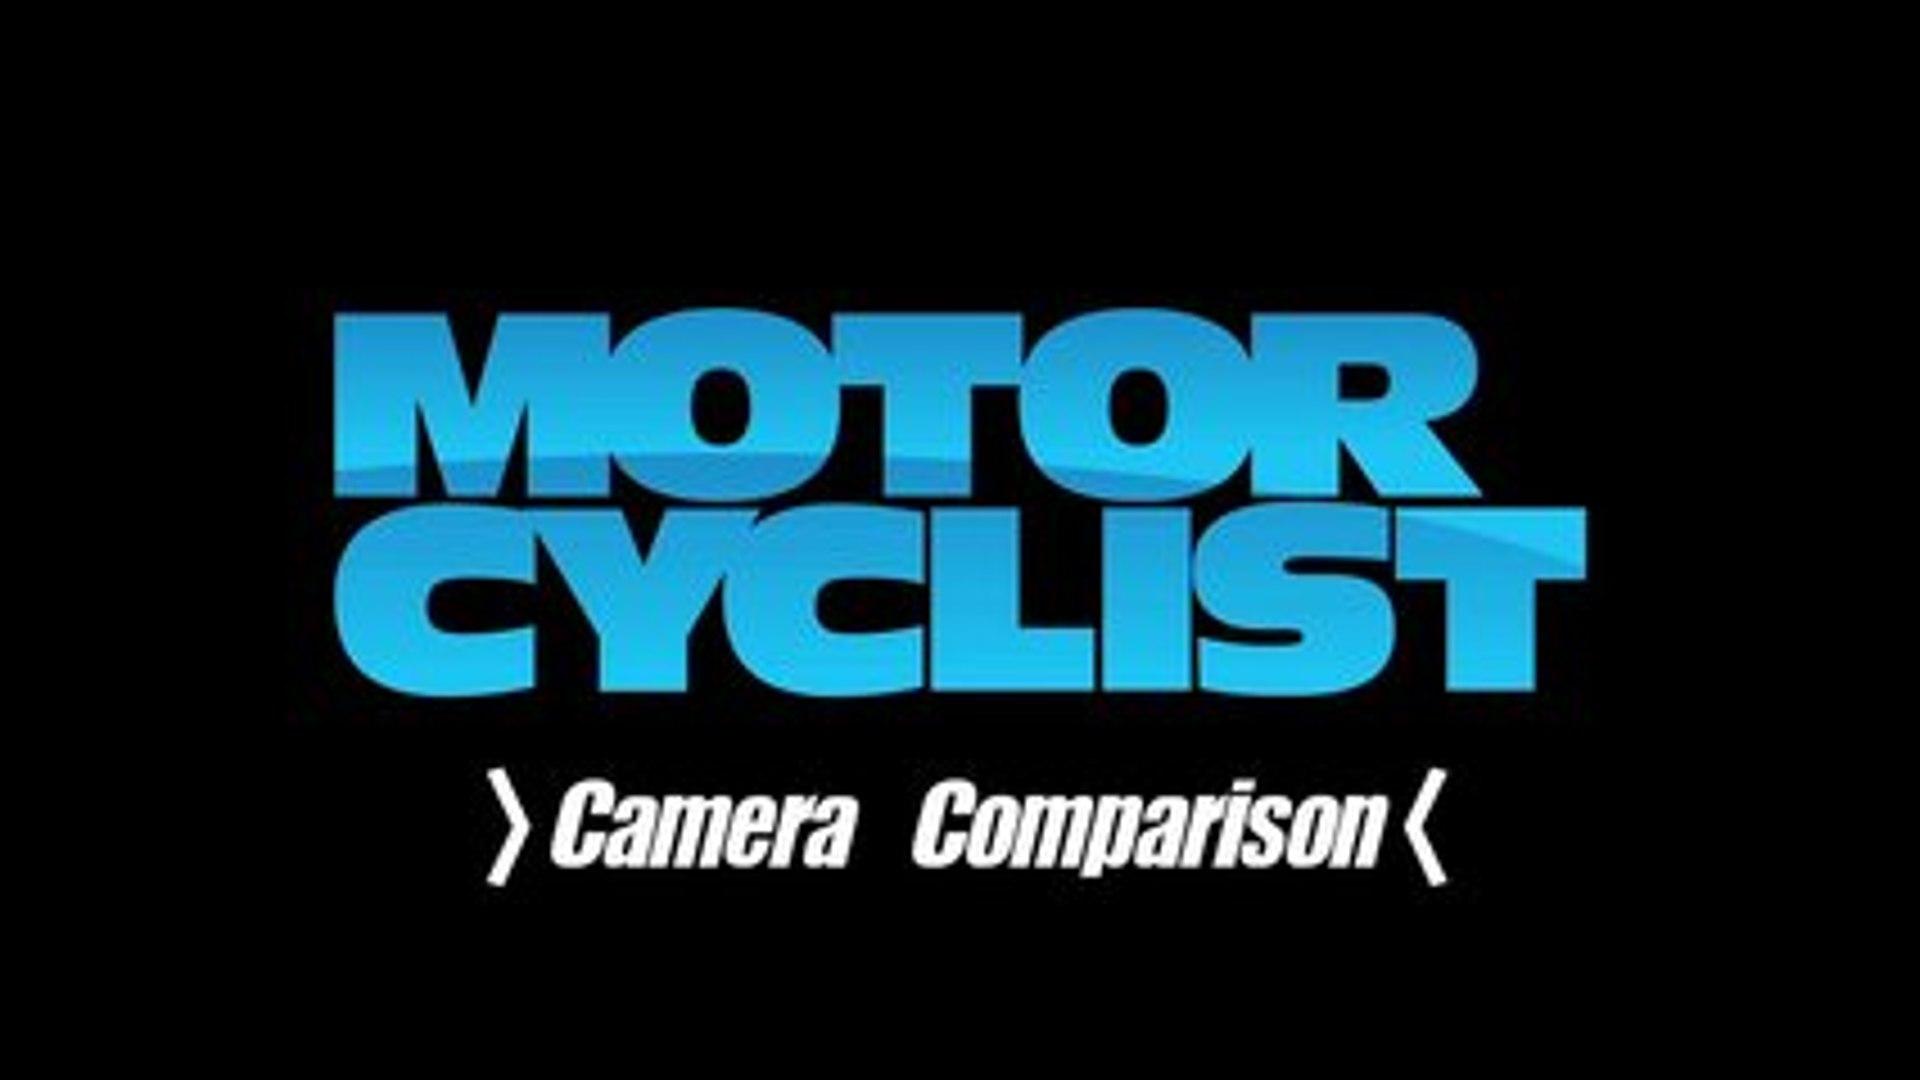 Action Camera Comparison